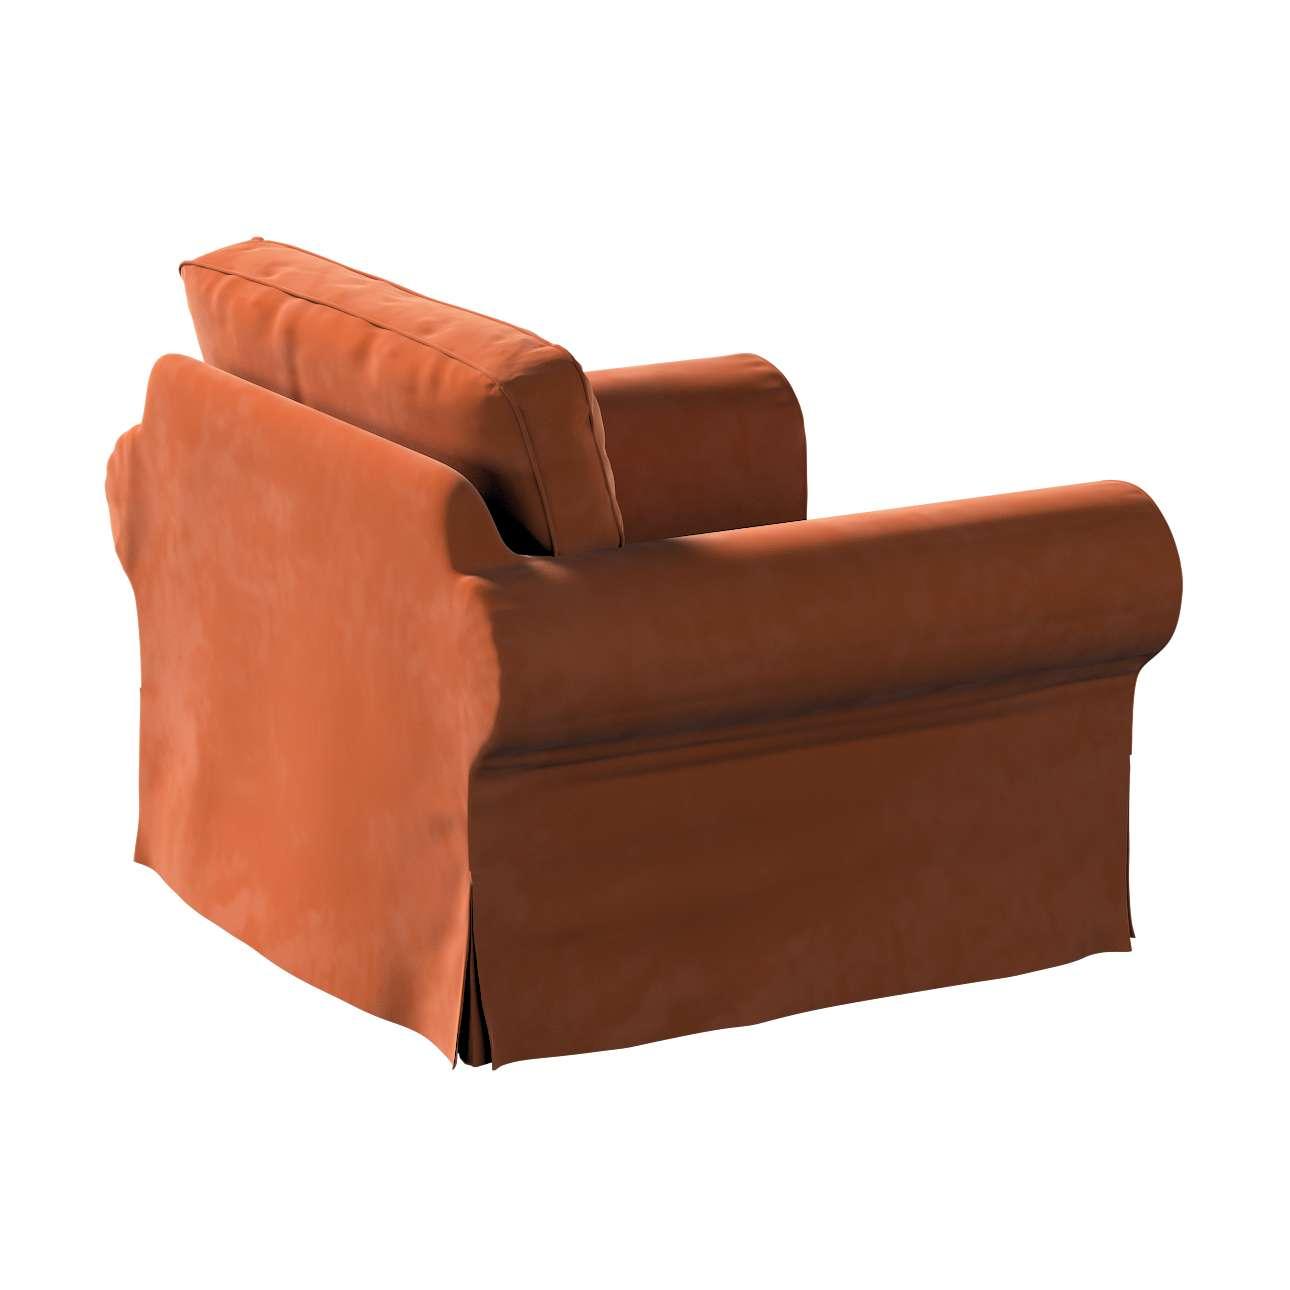 Pokrowiec na fotel Ektorp w kolekcji Velvet, tkanina: 704-33